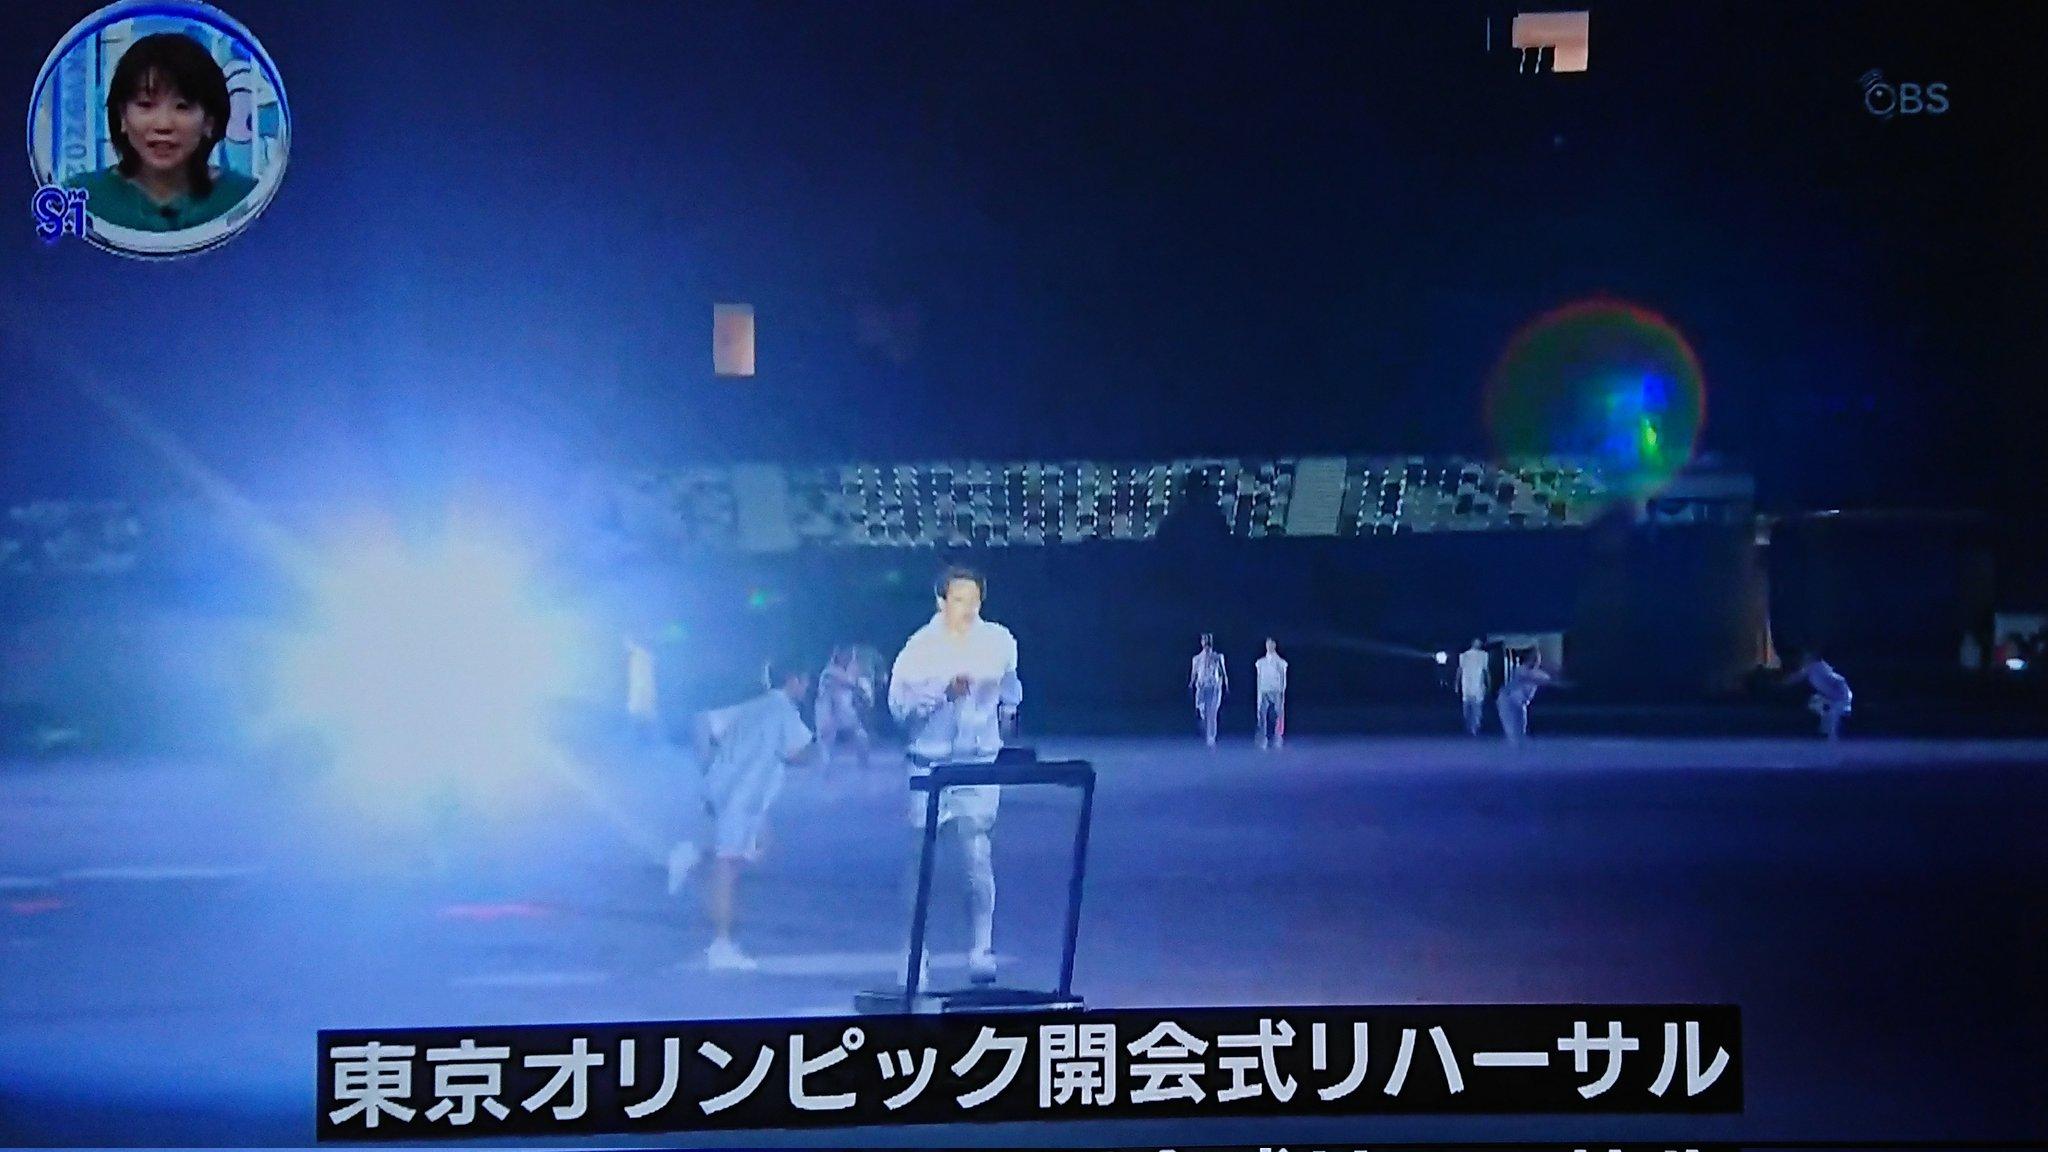 【絶望】トキョの開会式、泣きたくなるほどショボい…